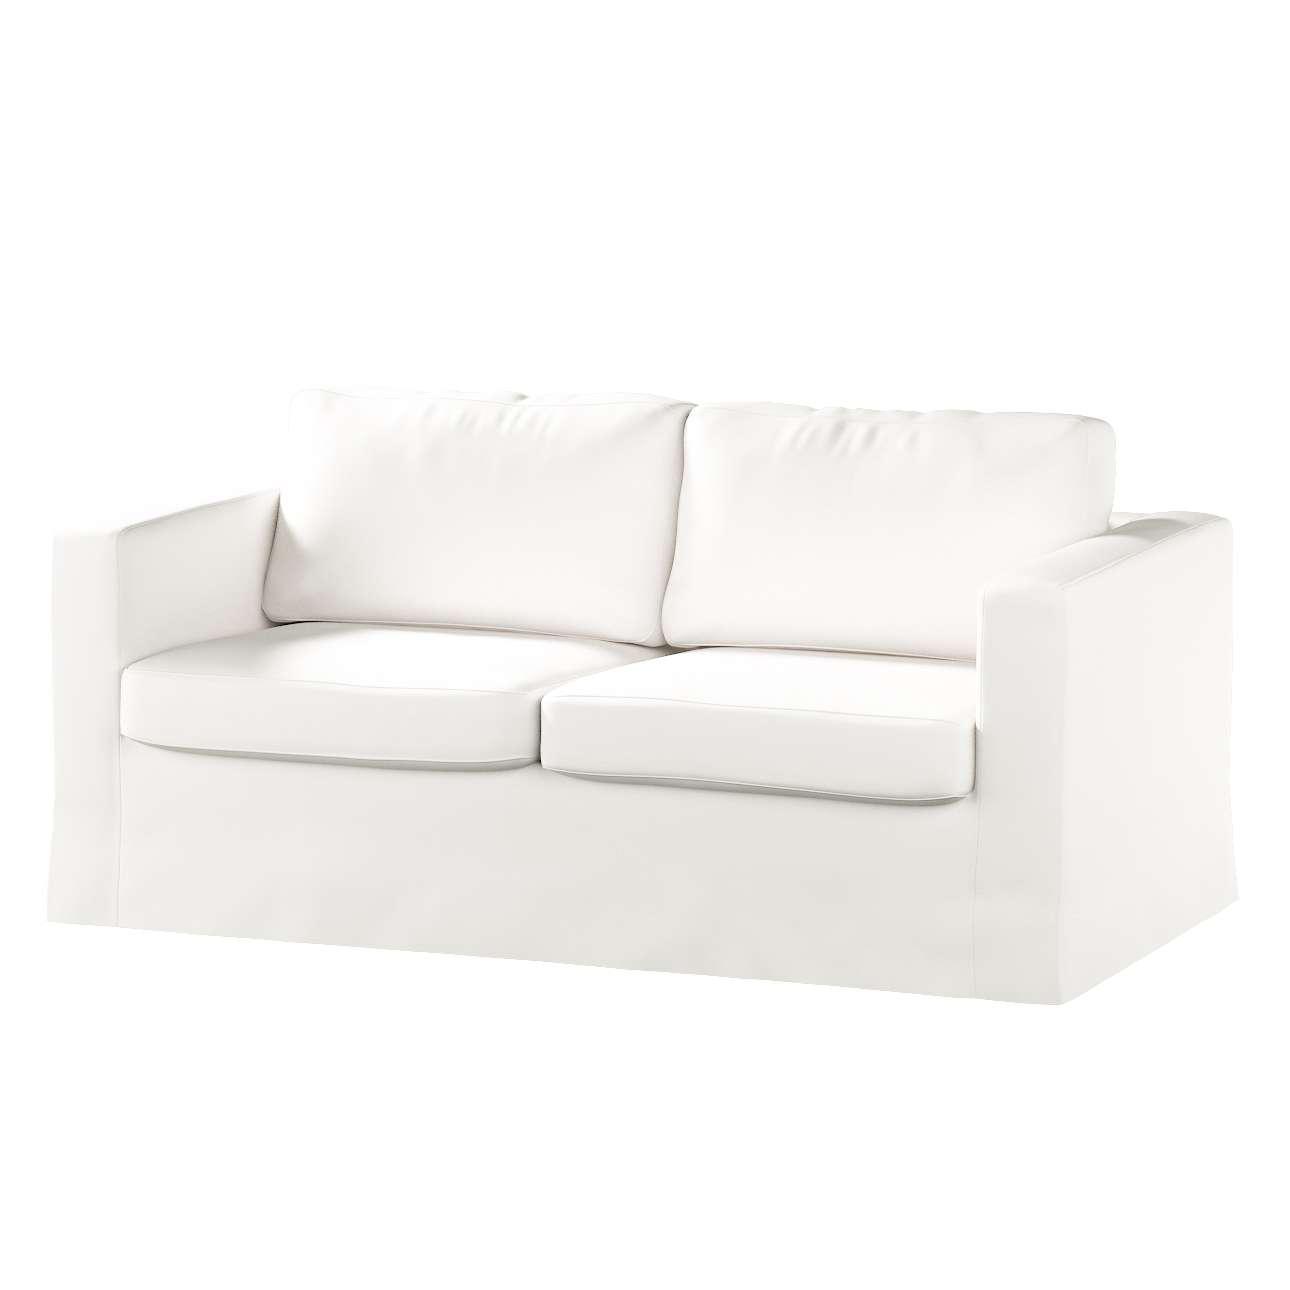 Pokrowiec na sofę Karlstad 2-osobową nierozkładaną długi w kolekcji Cotton Panama, tkanina: 702-34